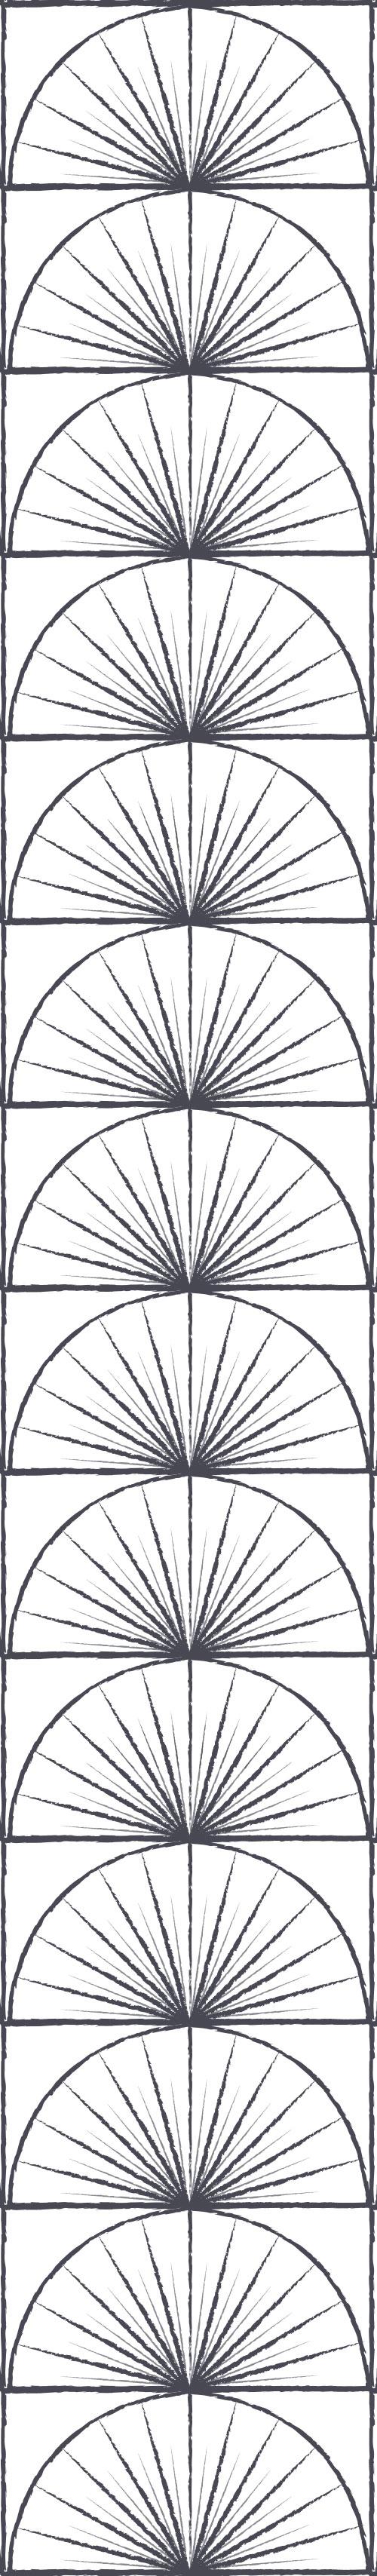 Pattern-side3.jpg